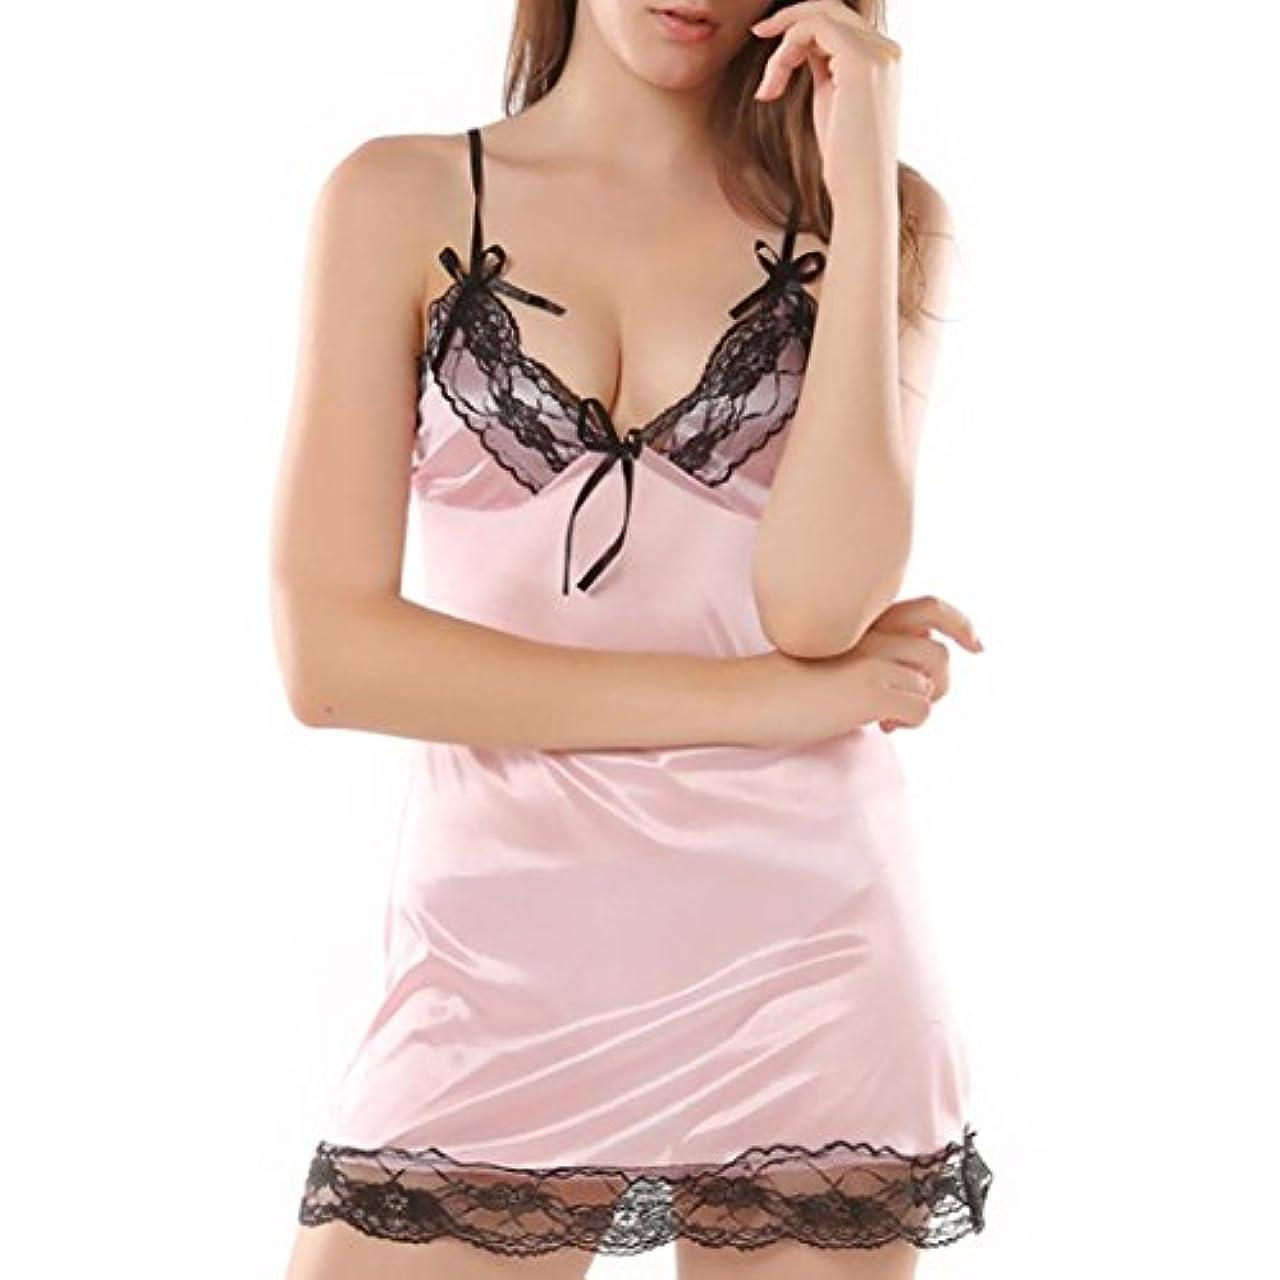 アマゾンジャングルカプラー近傍Mhomzawa レースの下着ファッションセクシープラスサイズの服は下着の寝巻の誘惑